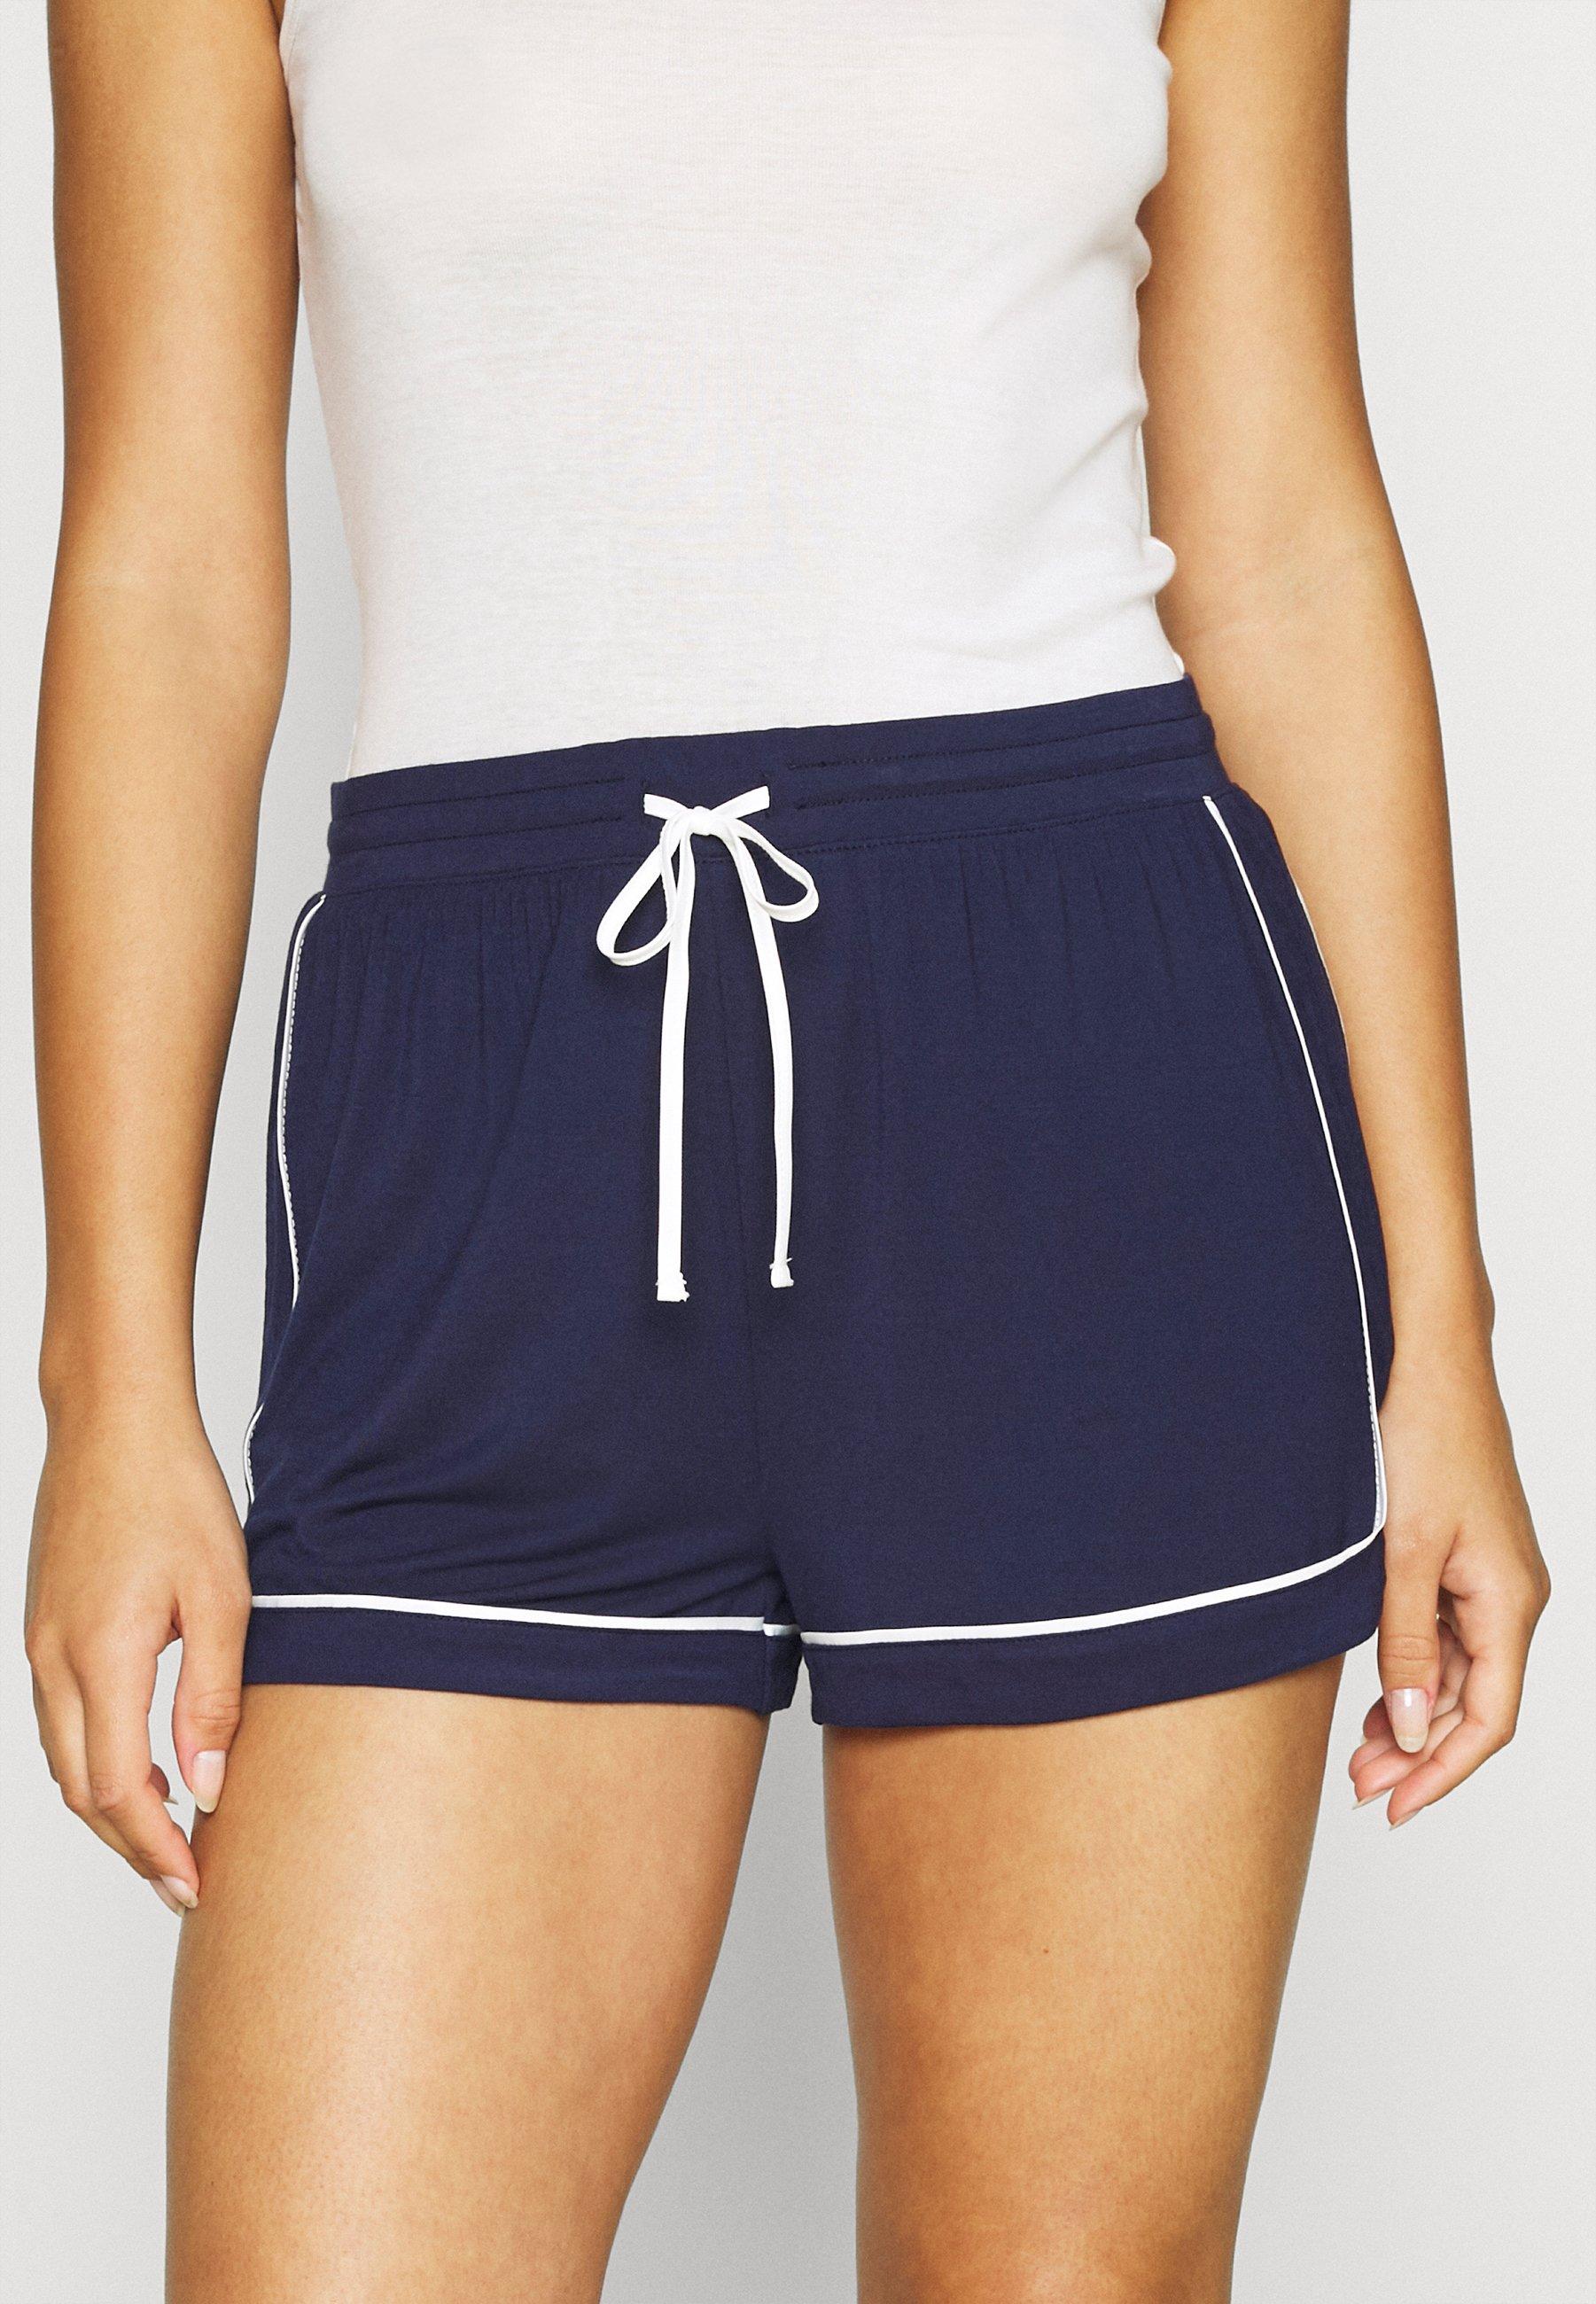 Damen PIPING TIE SHORT - Nachtwäsche Hose